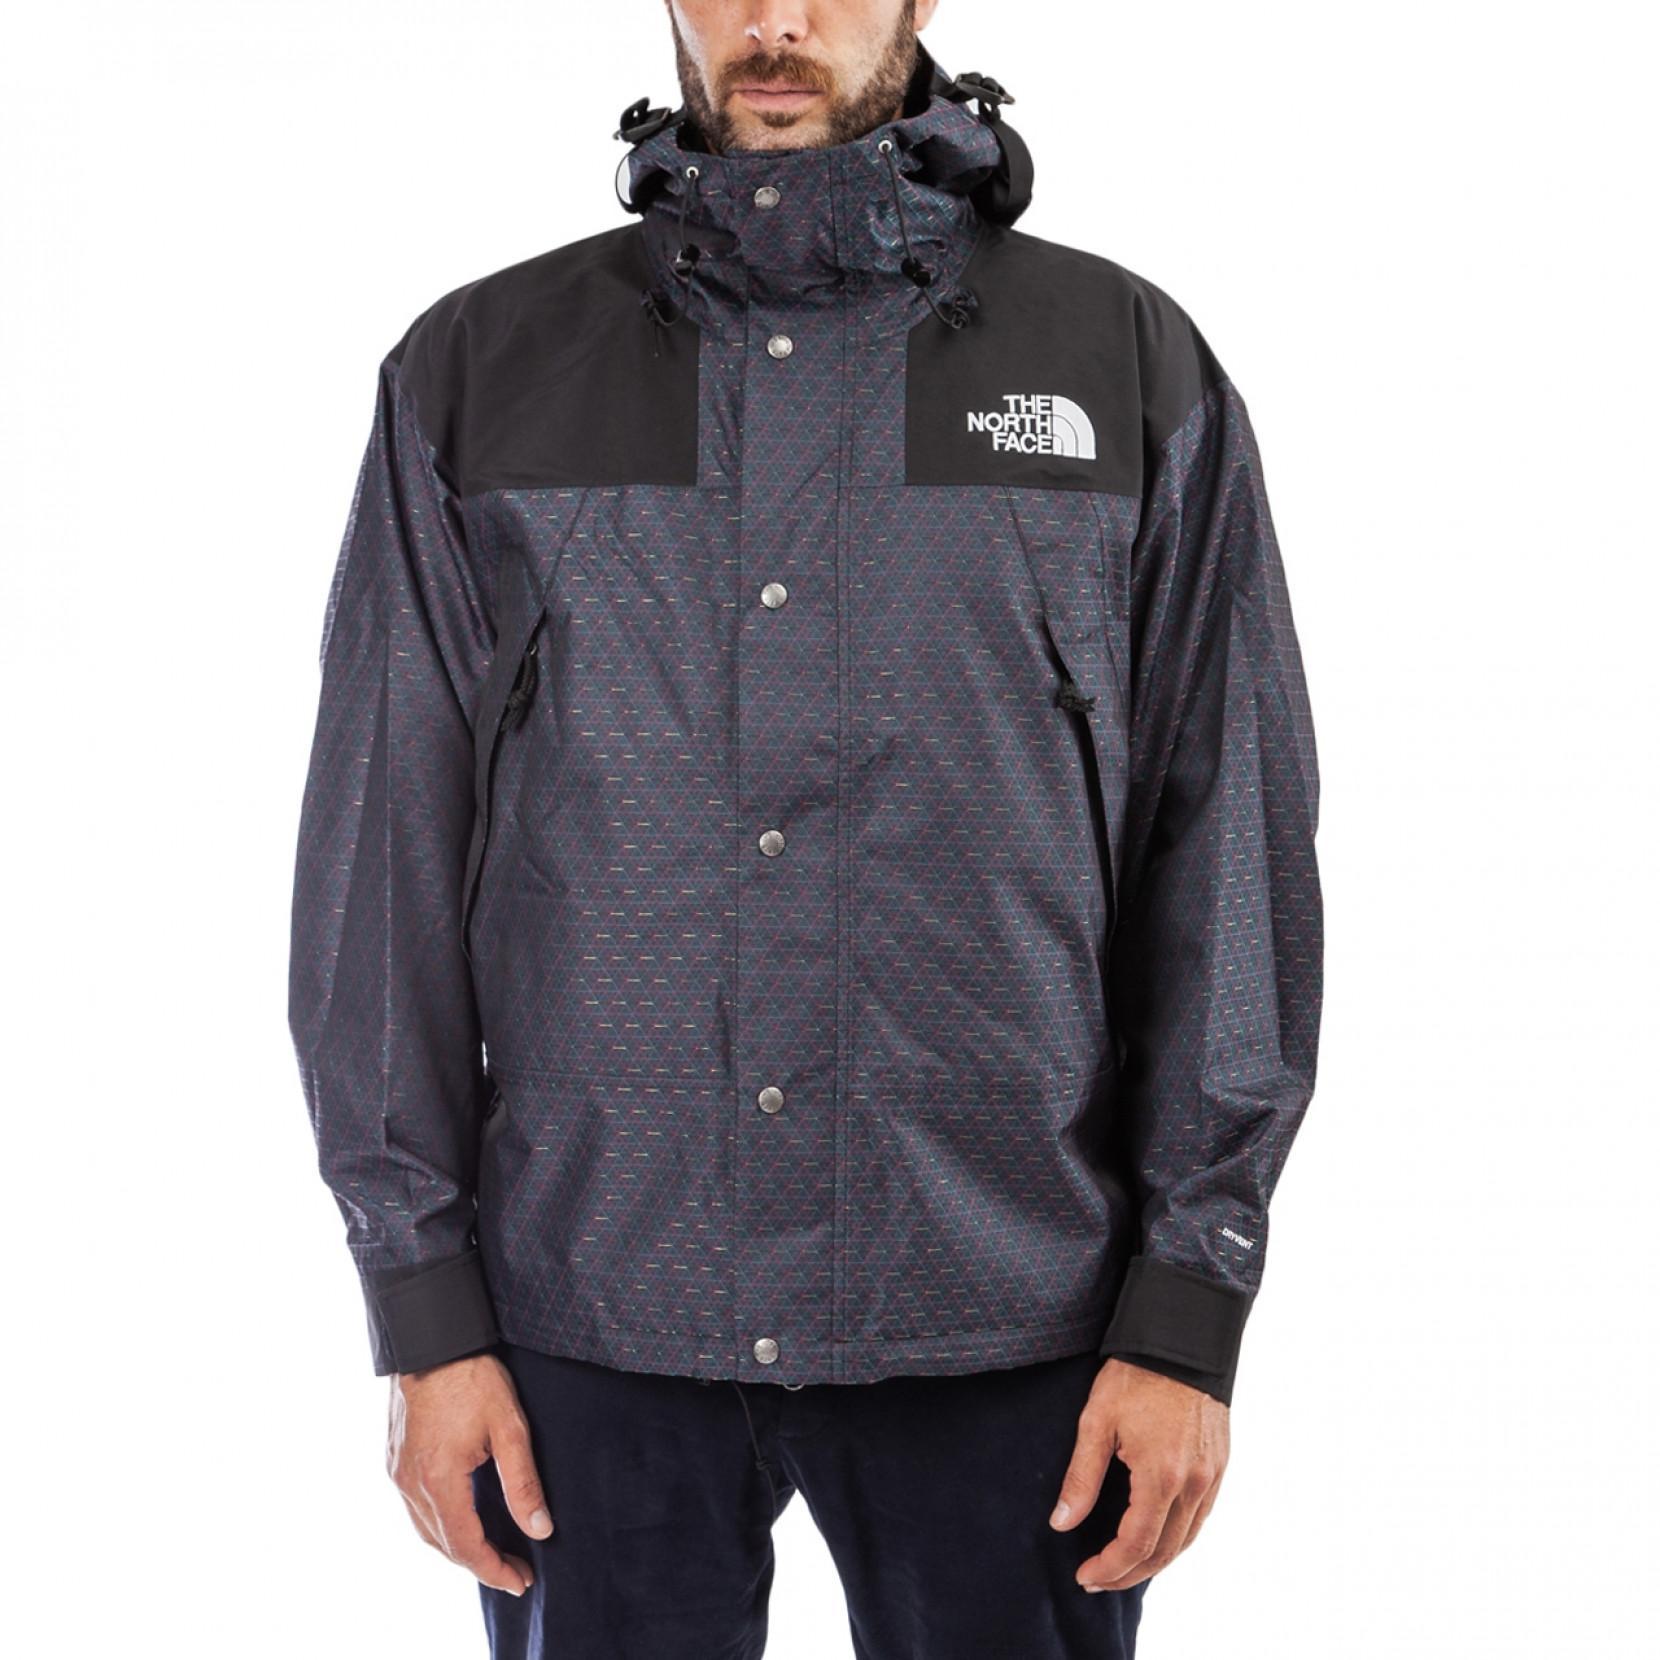 bf4eaf3de Men's Black 1990 Engineered Jacquard Mountain Jacket ''cmyk Pack''